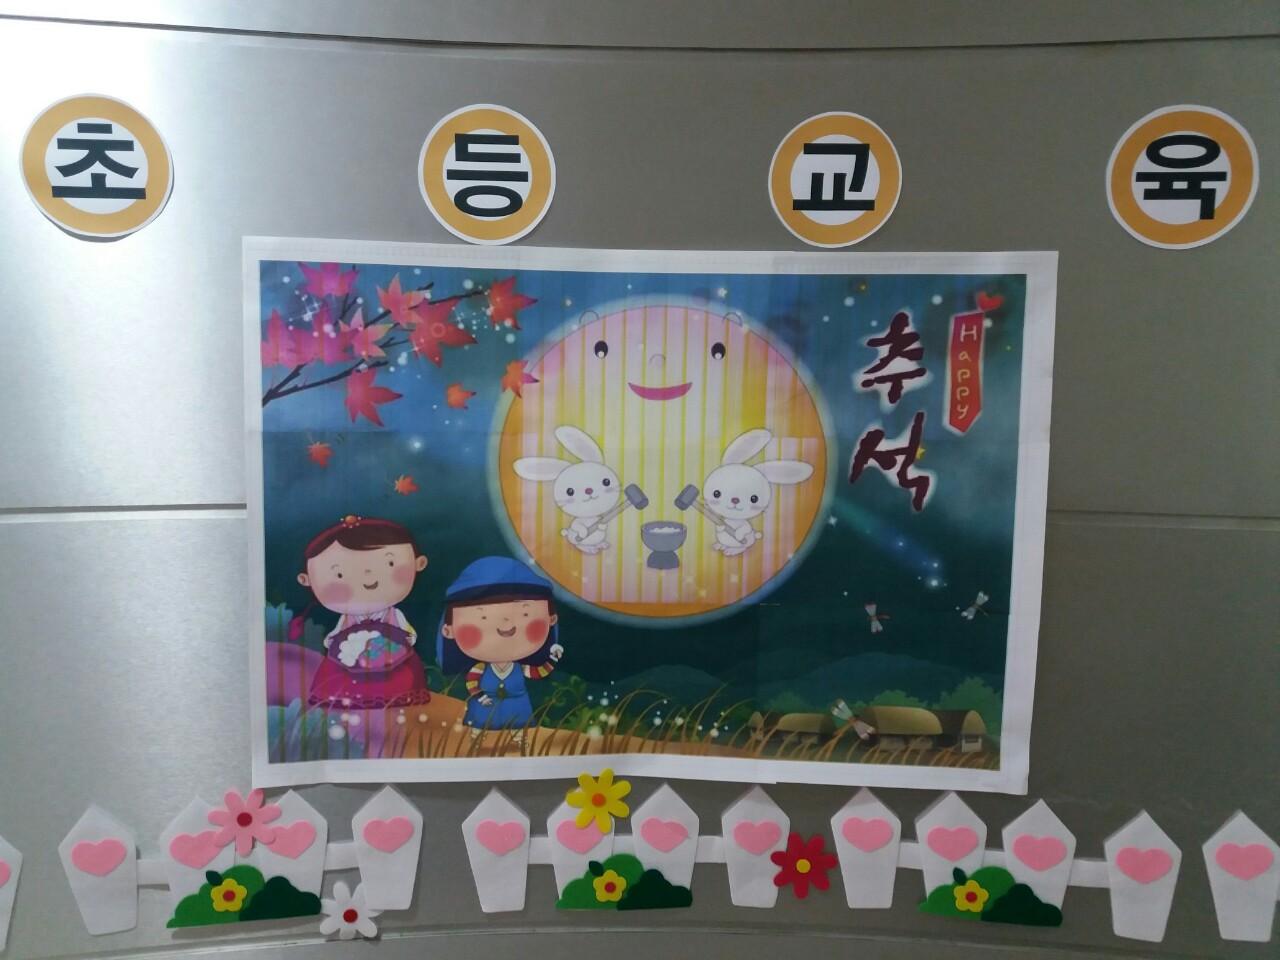 초등교육추석맞이 수업 포스터.jpg